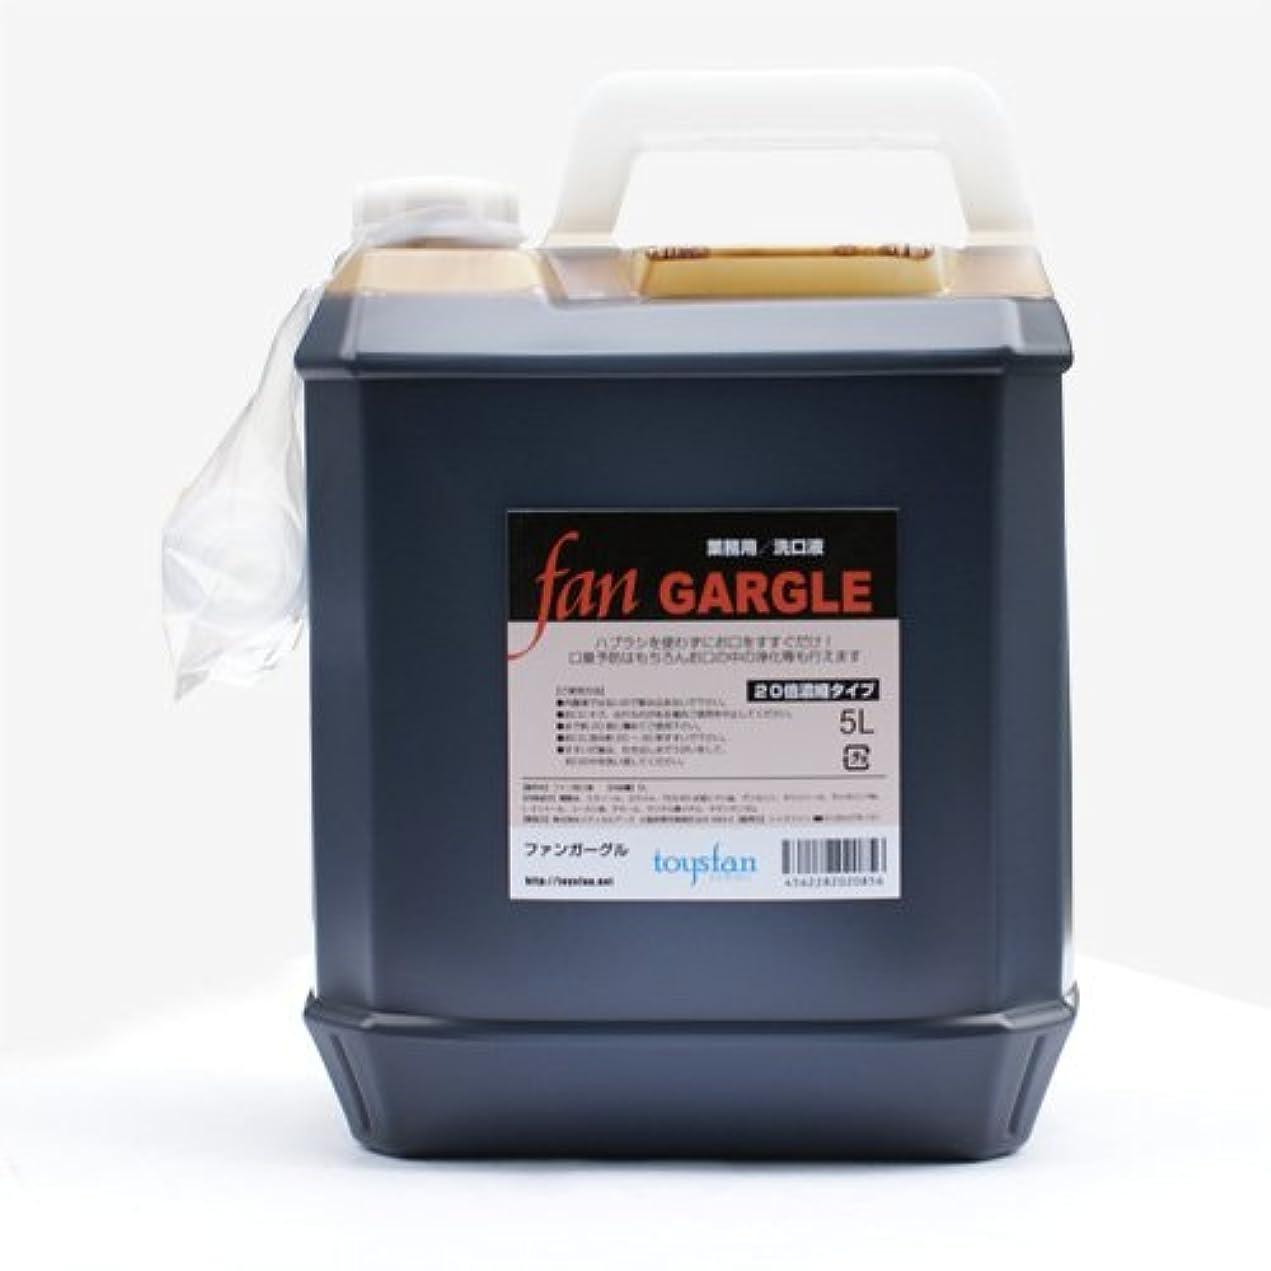 エゴイズム値バラエティファンガーグル 5L(20倍濃縮)業務用洗口液